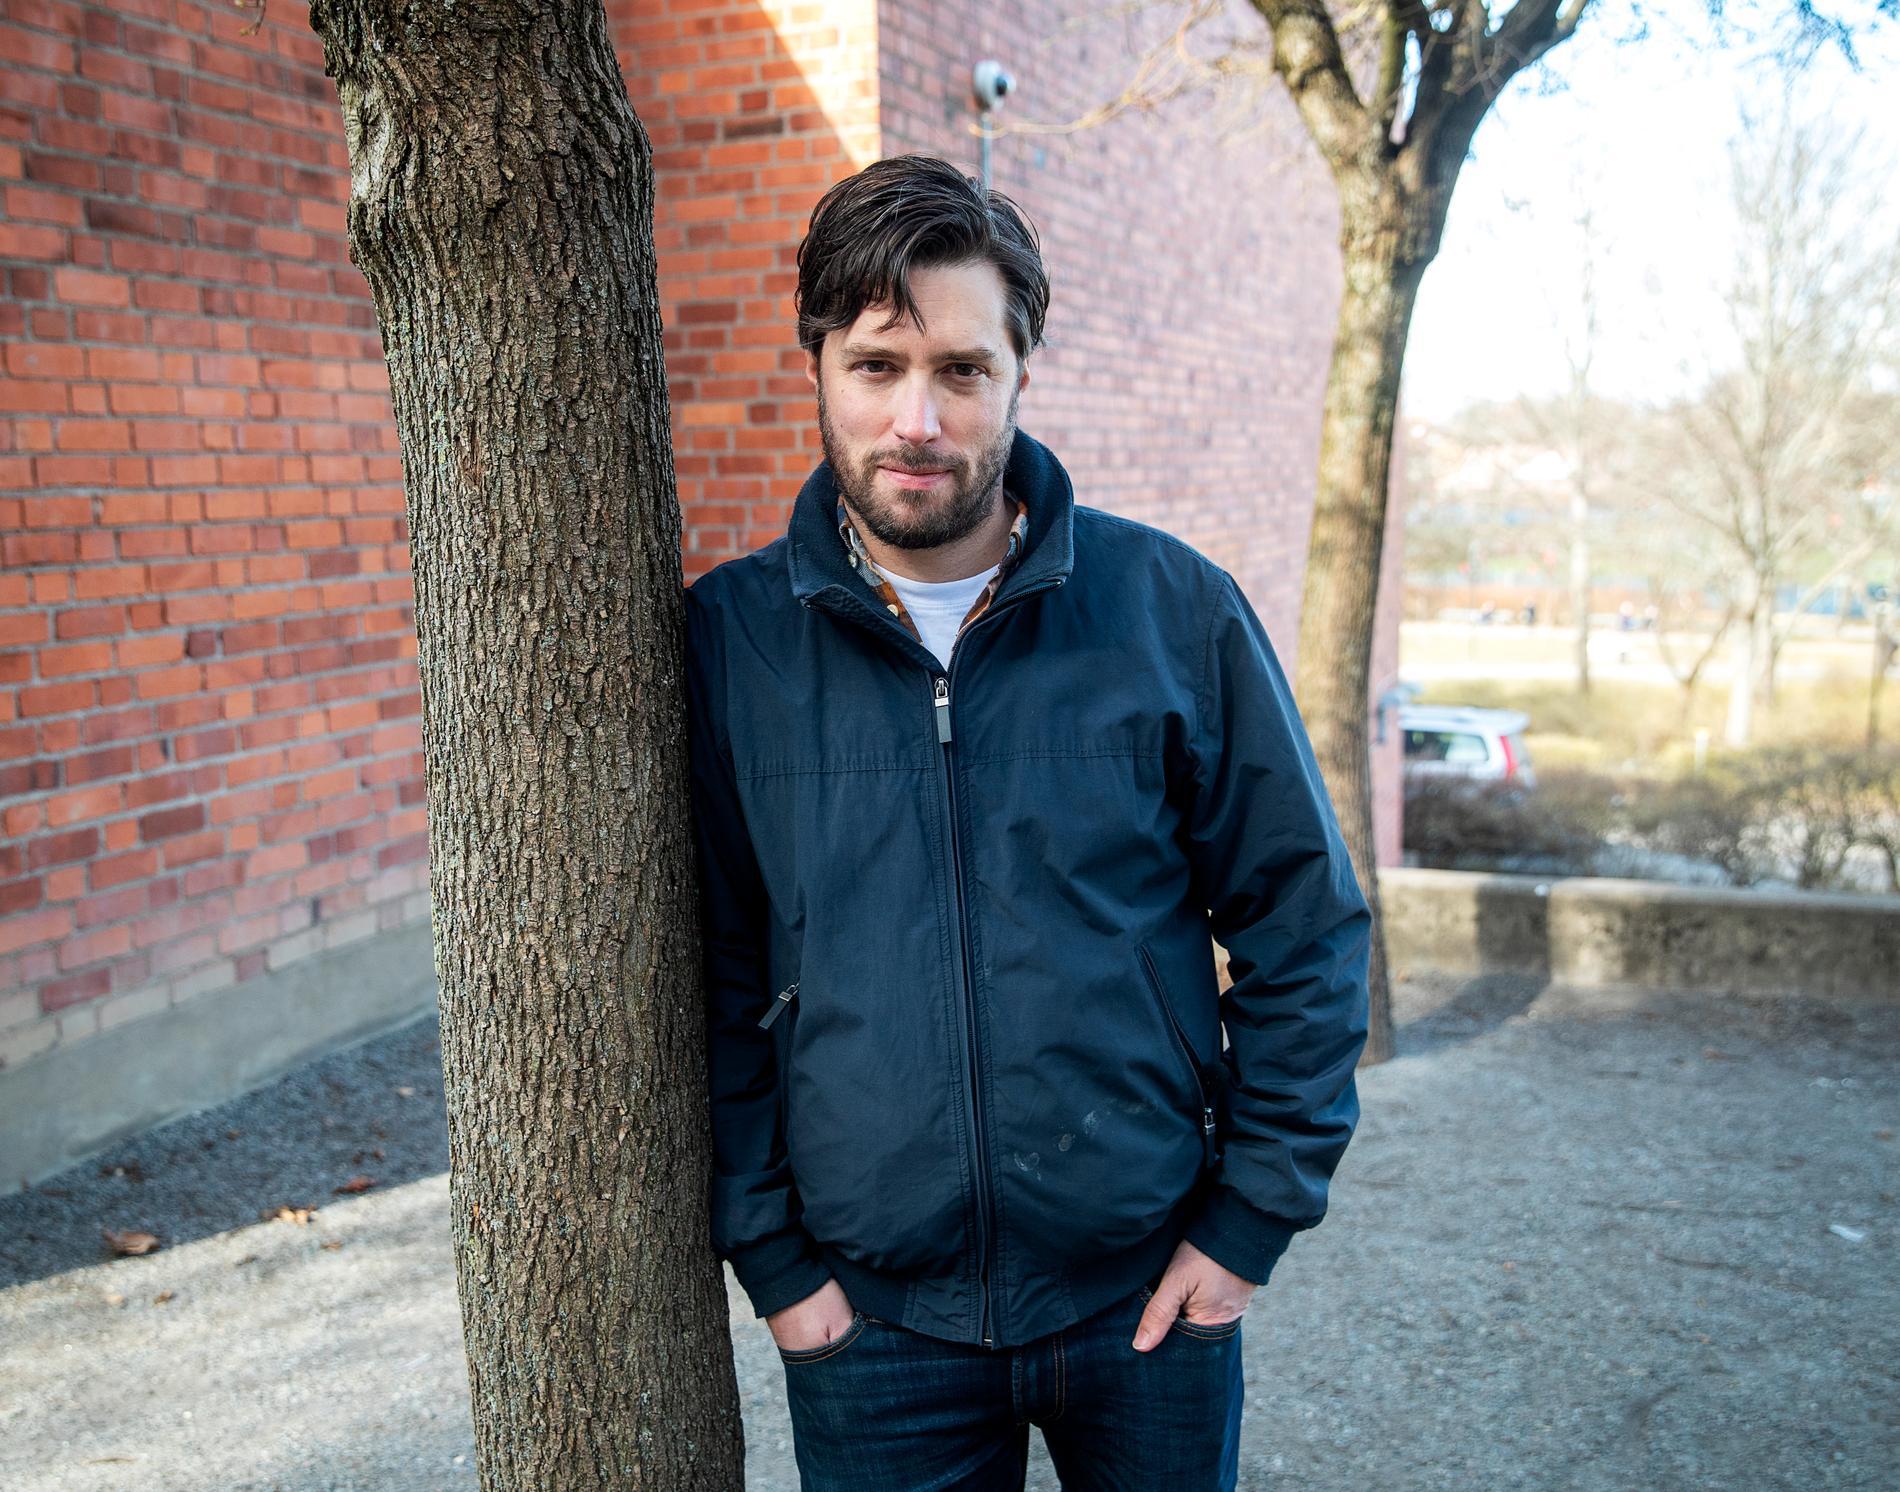 """Matti Josefsson har två döttrar i Skytteholmsskolan. Han är född och uppväxt i Solna men flyttar från kommunen med sin familj till hösten, till stor del på grund av skolpolitiken. """"Om inte en välbärgad kommun som Solna har råd att satsa på skolan, vem har då råd?"""""""